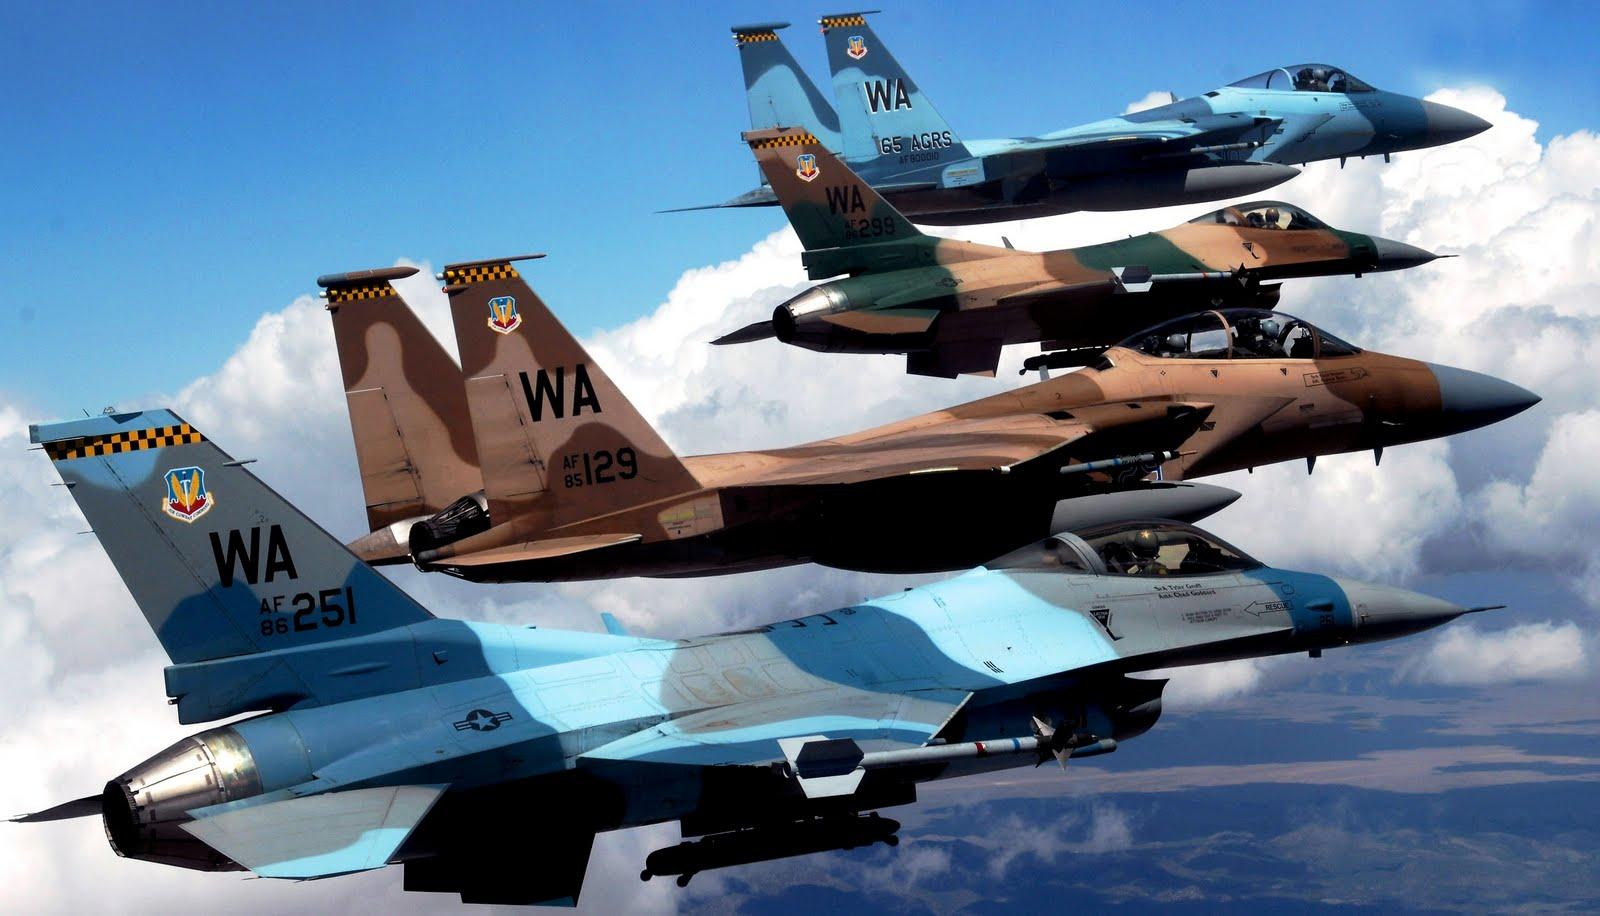 http://1.bp.blogspot.com/-H45gGxBNJjA/ThlAqmQS2gI/AAAAAAAAF28/jyYGhKfFij4/s1600/f16c_block_32_usaf_lined_up_87312_aircraft-wallpaper.jpg